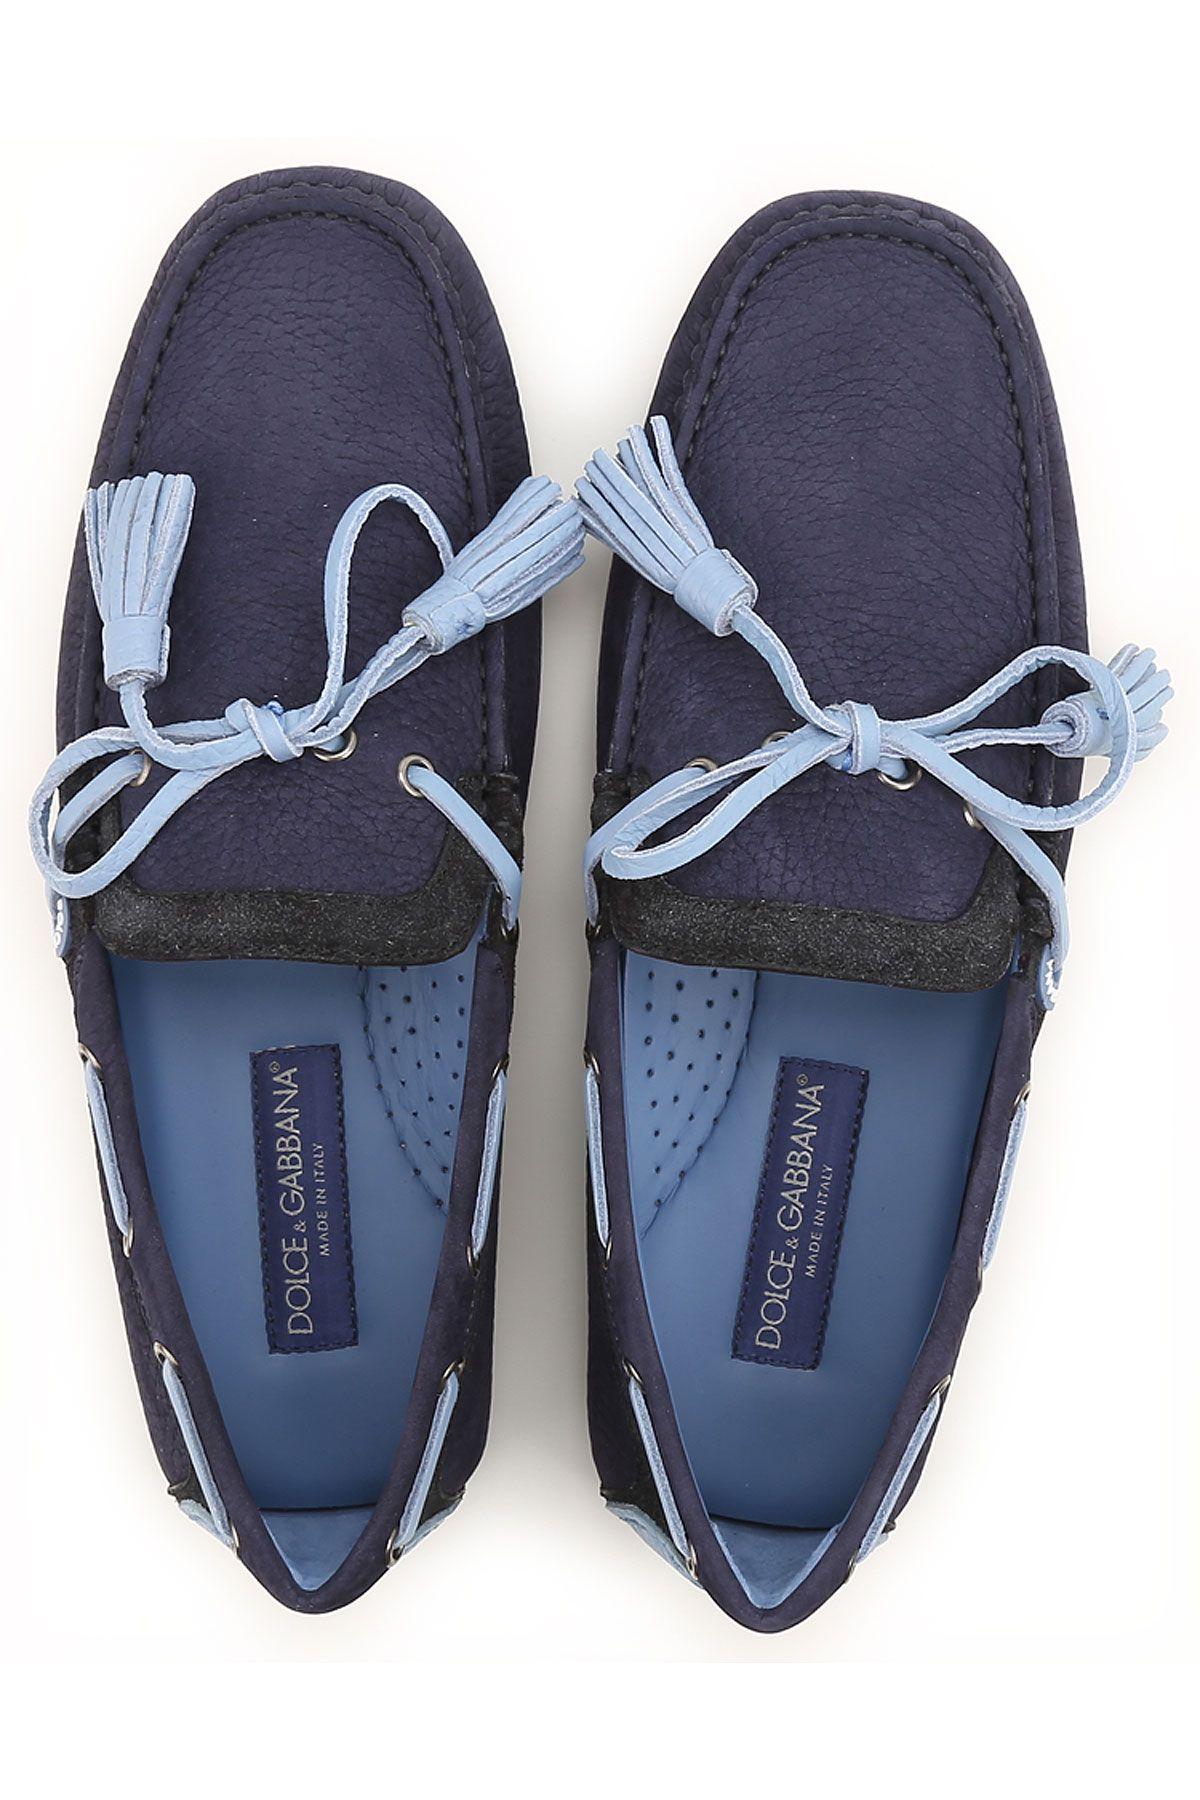 DOLCE   GABBANA Chaussures Homme   MEN S FOOTWEAR   Pinterest ... e5c44ee5f45a